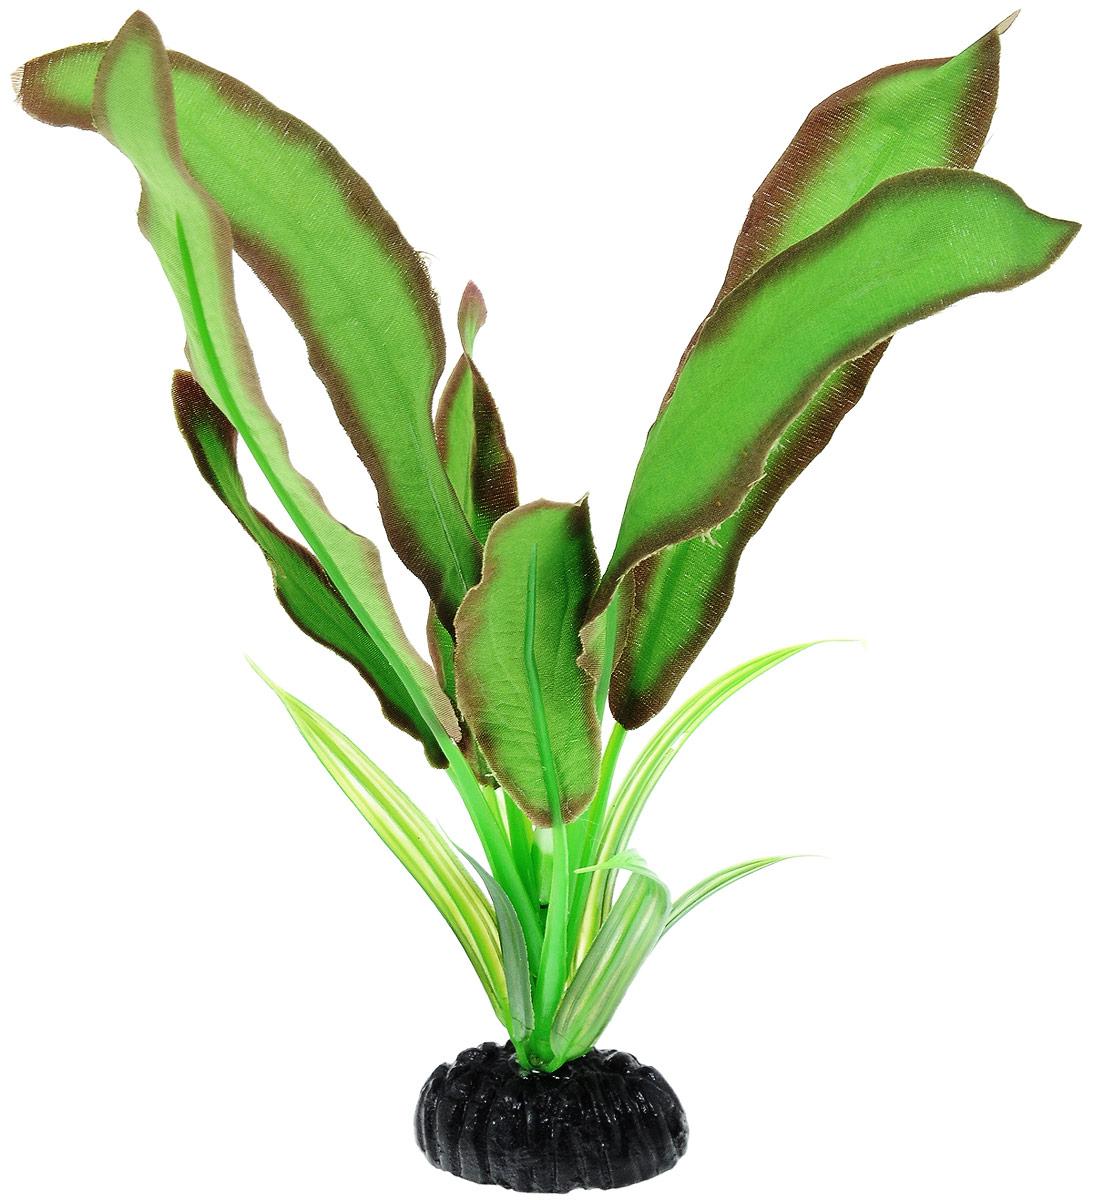 Растение для аквариума Barbus Эхинодорус Бартхи, шелковое, цвет: зеленый, коричневый, высота 20 смPlant 045/20Растение для аквариума Barbus Эхинодорус Бартхи, выполненное из высококачественного нетоксичного пластика и шелка, станет прекрасным украшением вашего аквариума. Шелковое растение идеально подходит для дизайна всех видов аквариумов. В воде происходит абсолютная имитация живых растений. Изделие не требует дополнительного ухода и просто в применении. Растение абсолютно безопасно, нейтрально к водному балансу, устойчиво к истиранию краски, подходит как для пресноводного, так и для морского аквариума. Растение для аквариума Barbus Эхинодорус Бартхи поможет вам смоделировать потрясающий пейзаж на дне вашего аквариума или террариума.